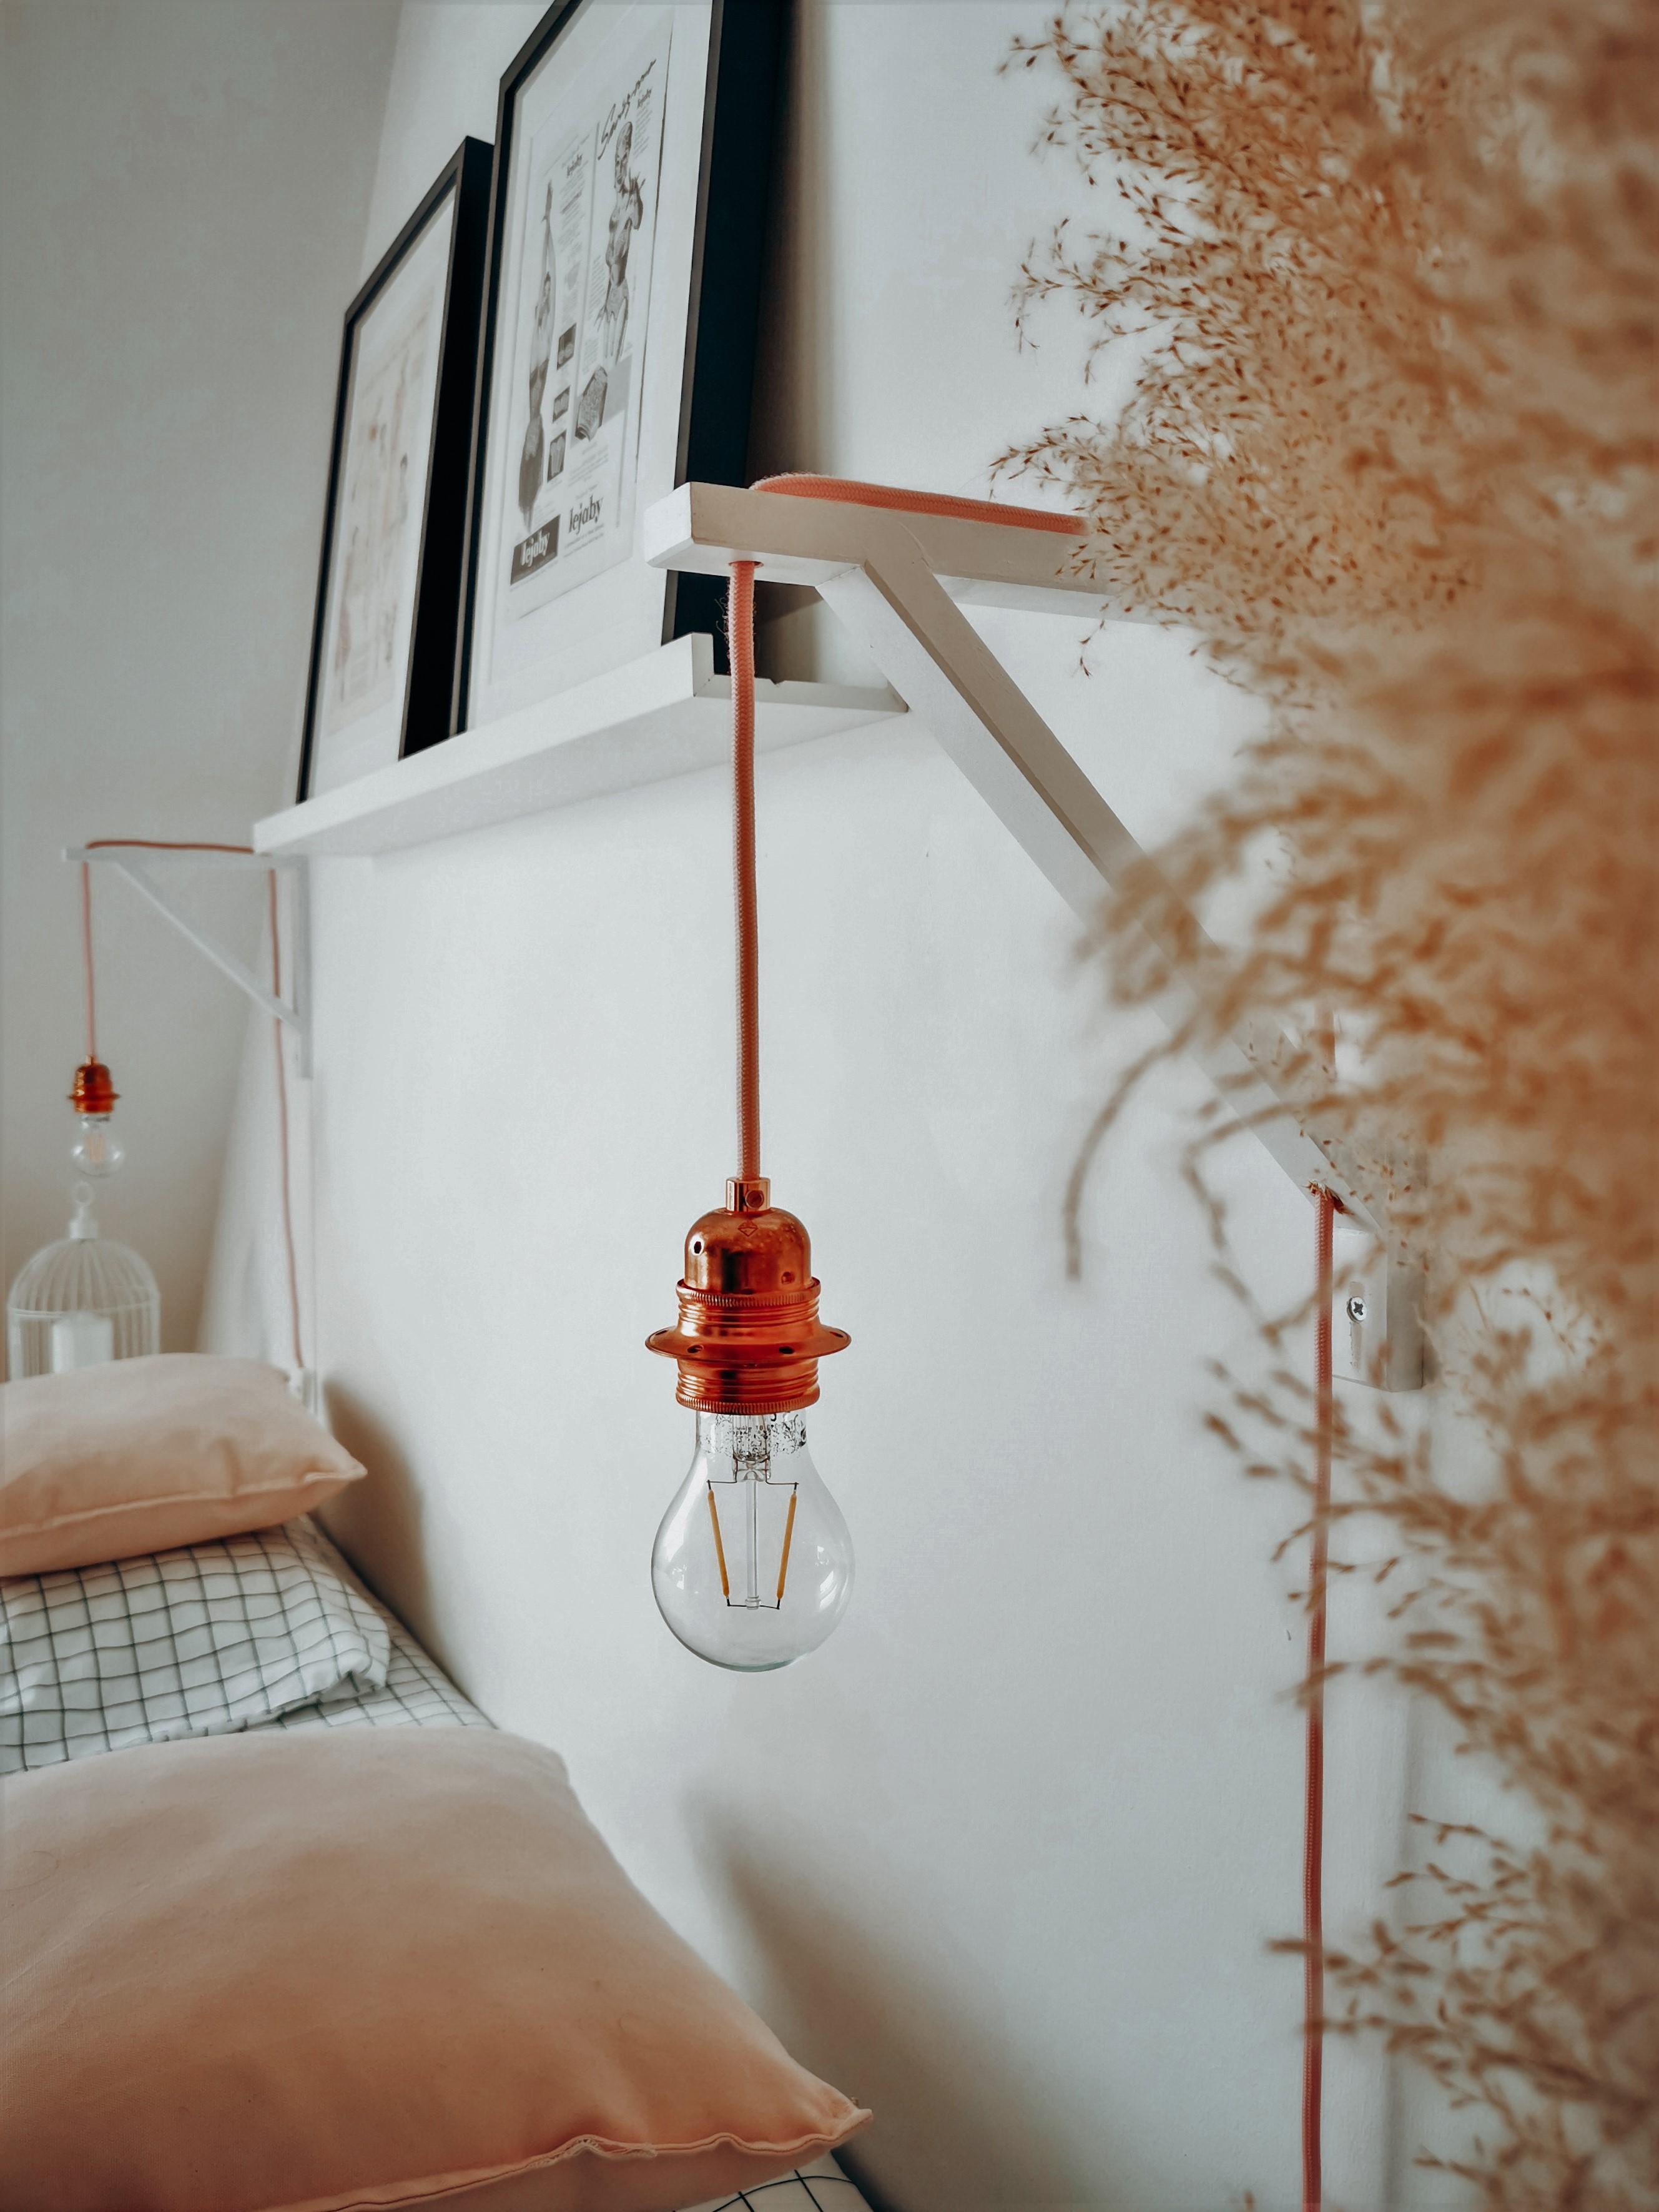 IMG 20200410 164223 - 11 ulimative Tipps für ein gemütliches zu Hause